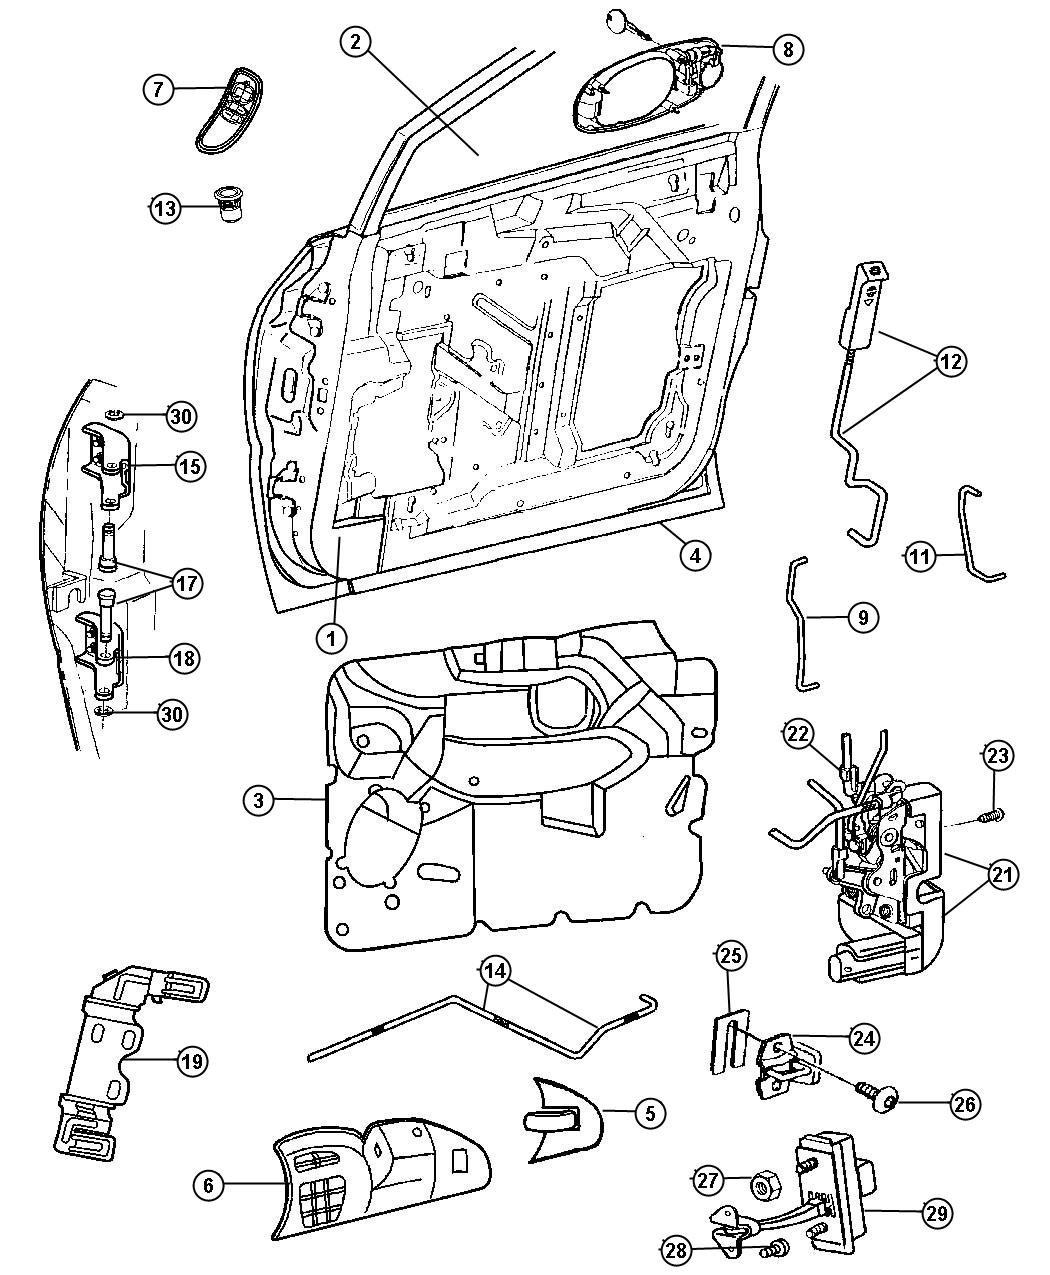 [DIAGRAM] 2010 Dodge Grand Caravan Parts Diagram FULL